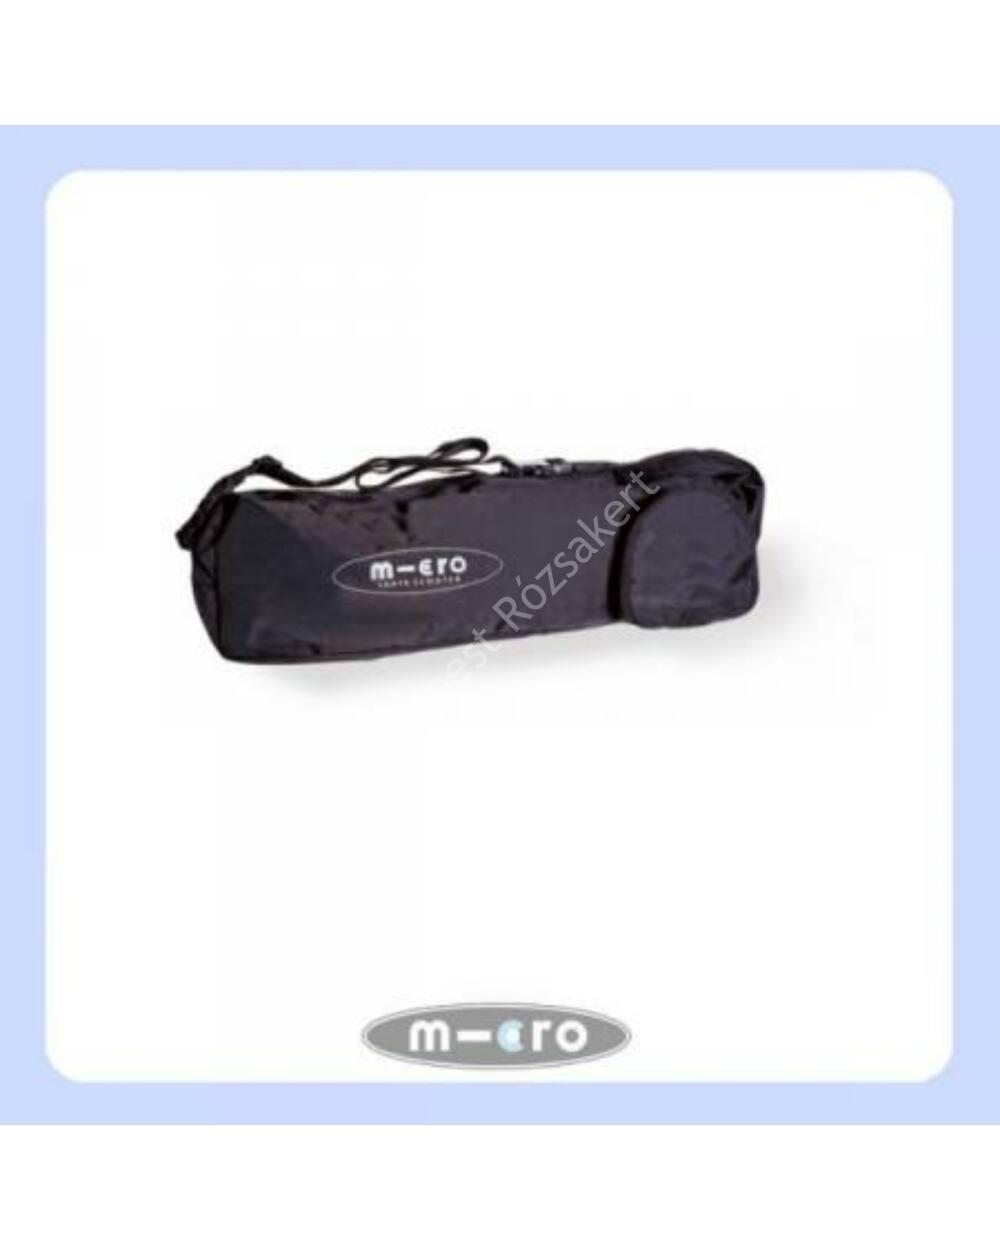 Micro Bag in bag rollertáska, fekete